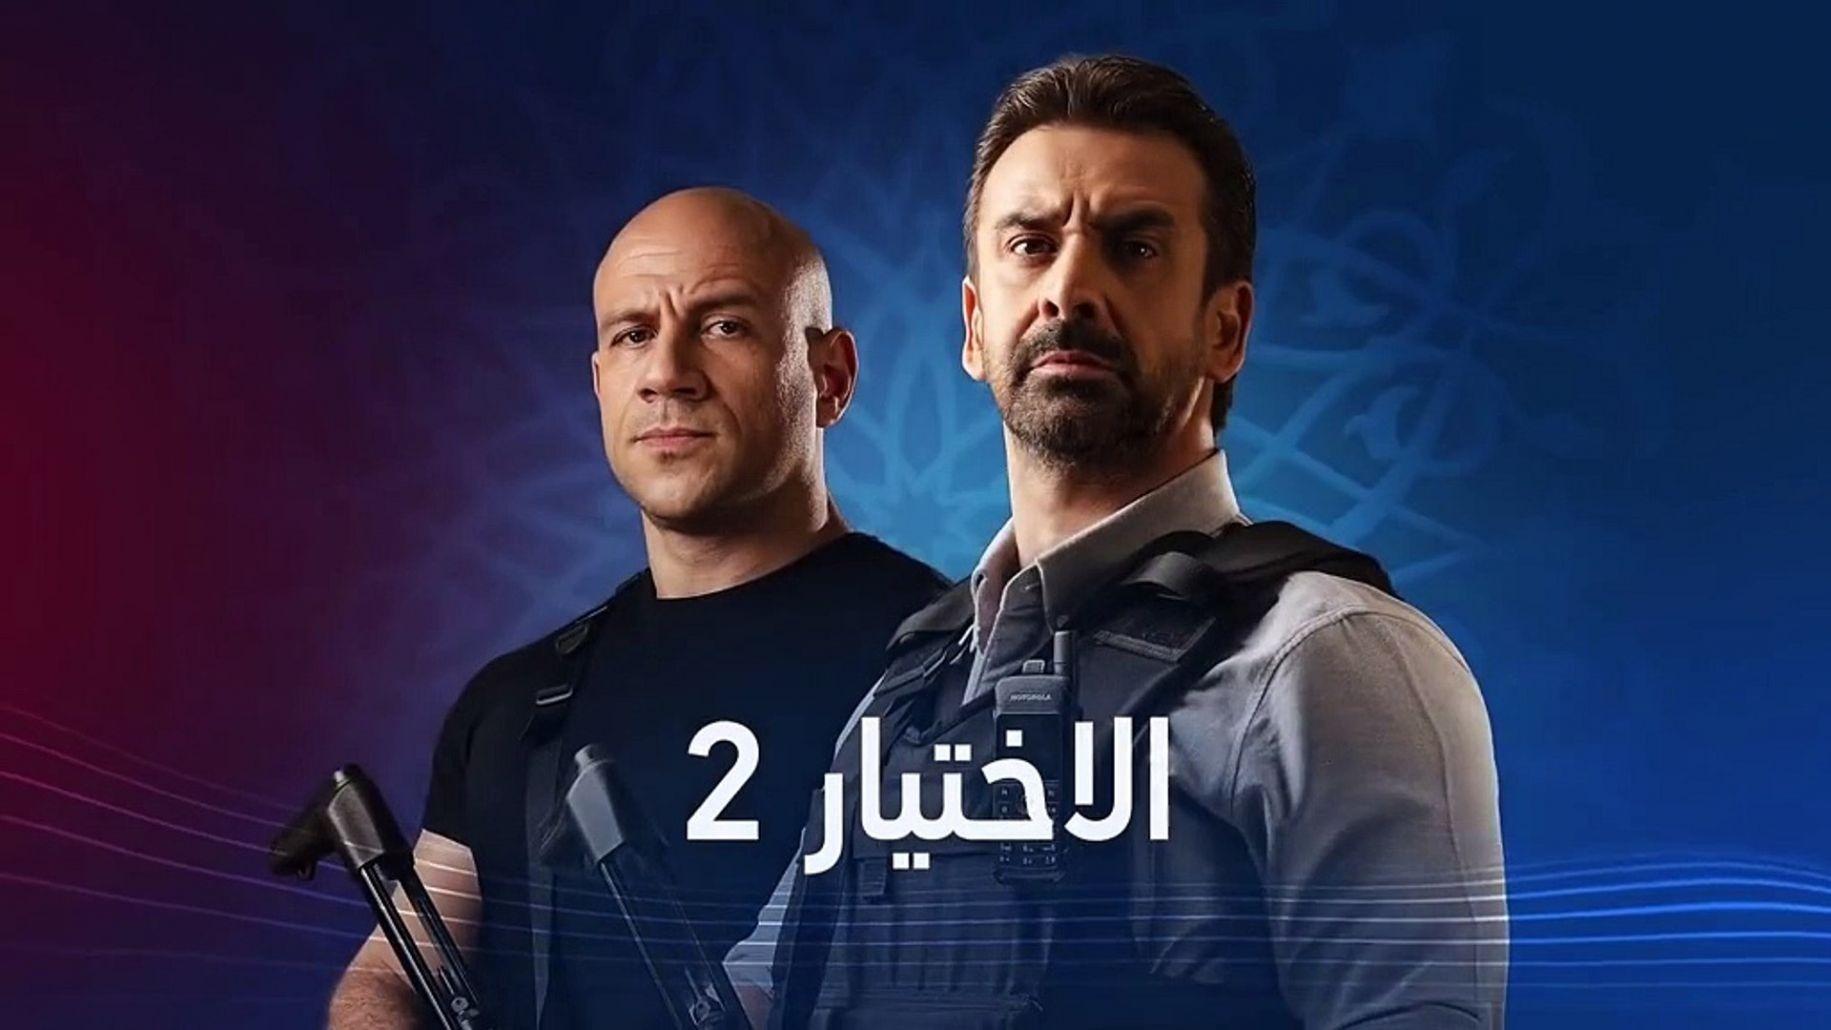 مذبحة الواحات 2017.. جميع المعلومات عن الحادثة قبل عرض مسلسل الاختيار الحلقة 25